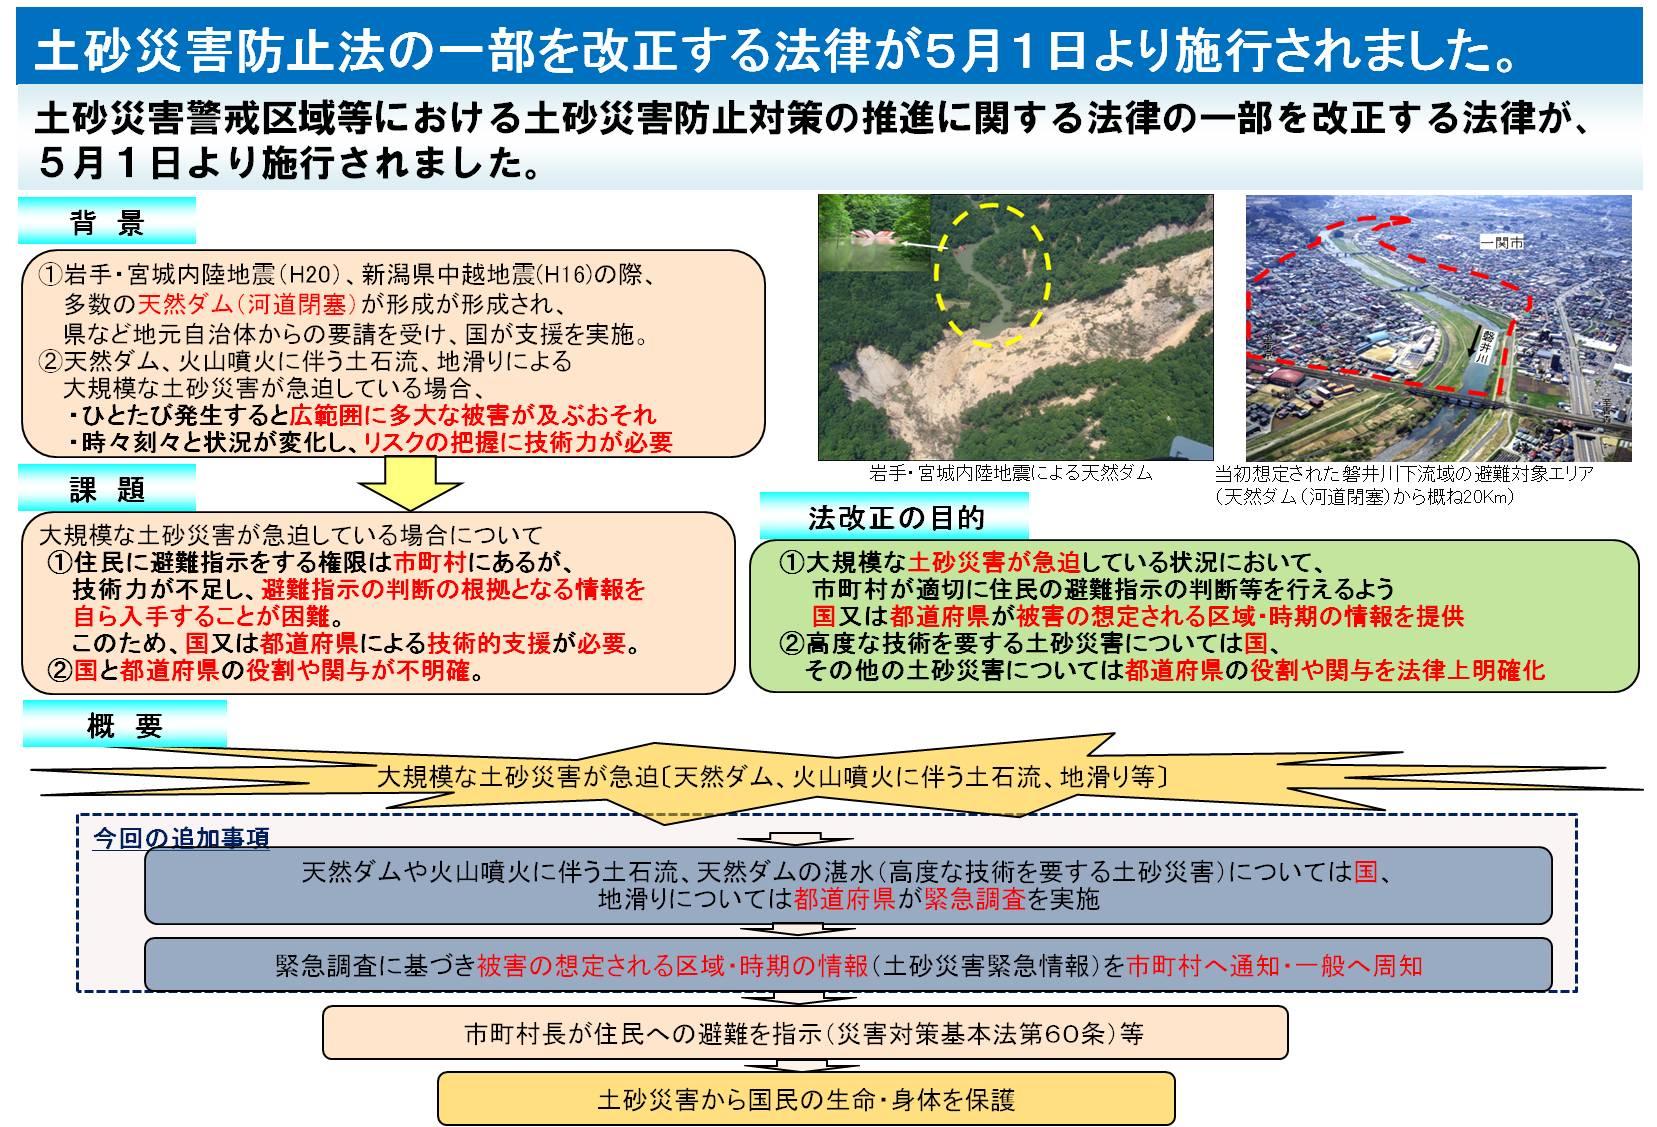 市 警戒 土砂 災害 区域 横浜